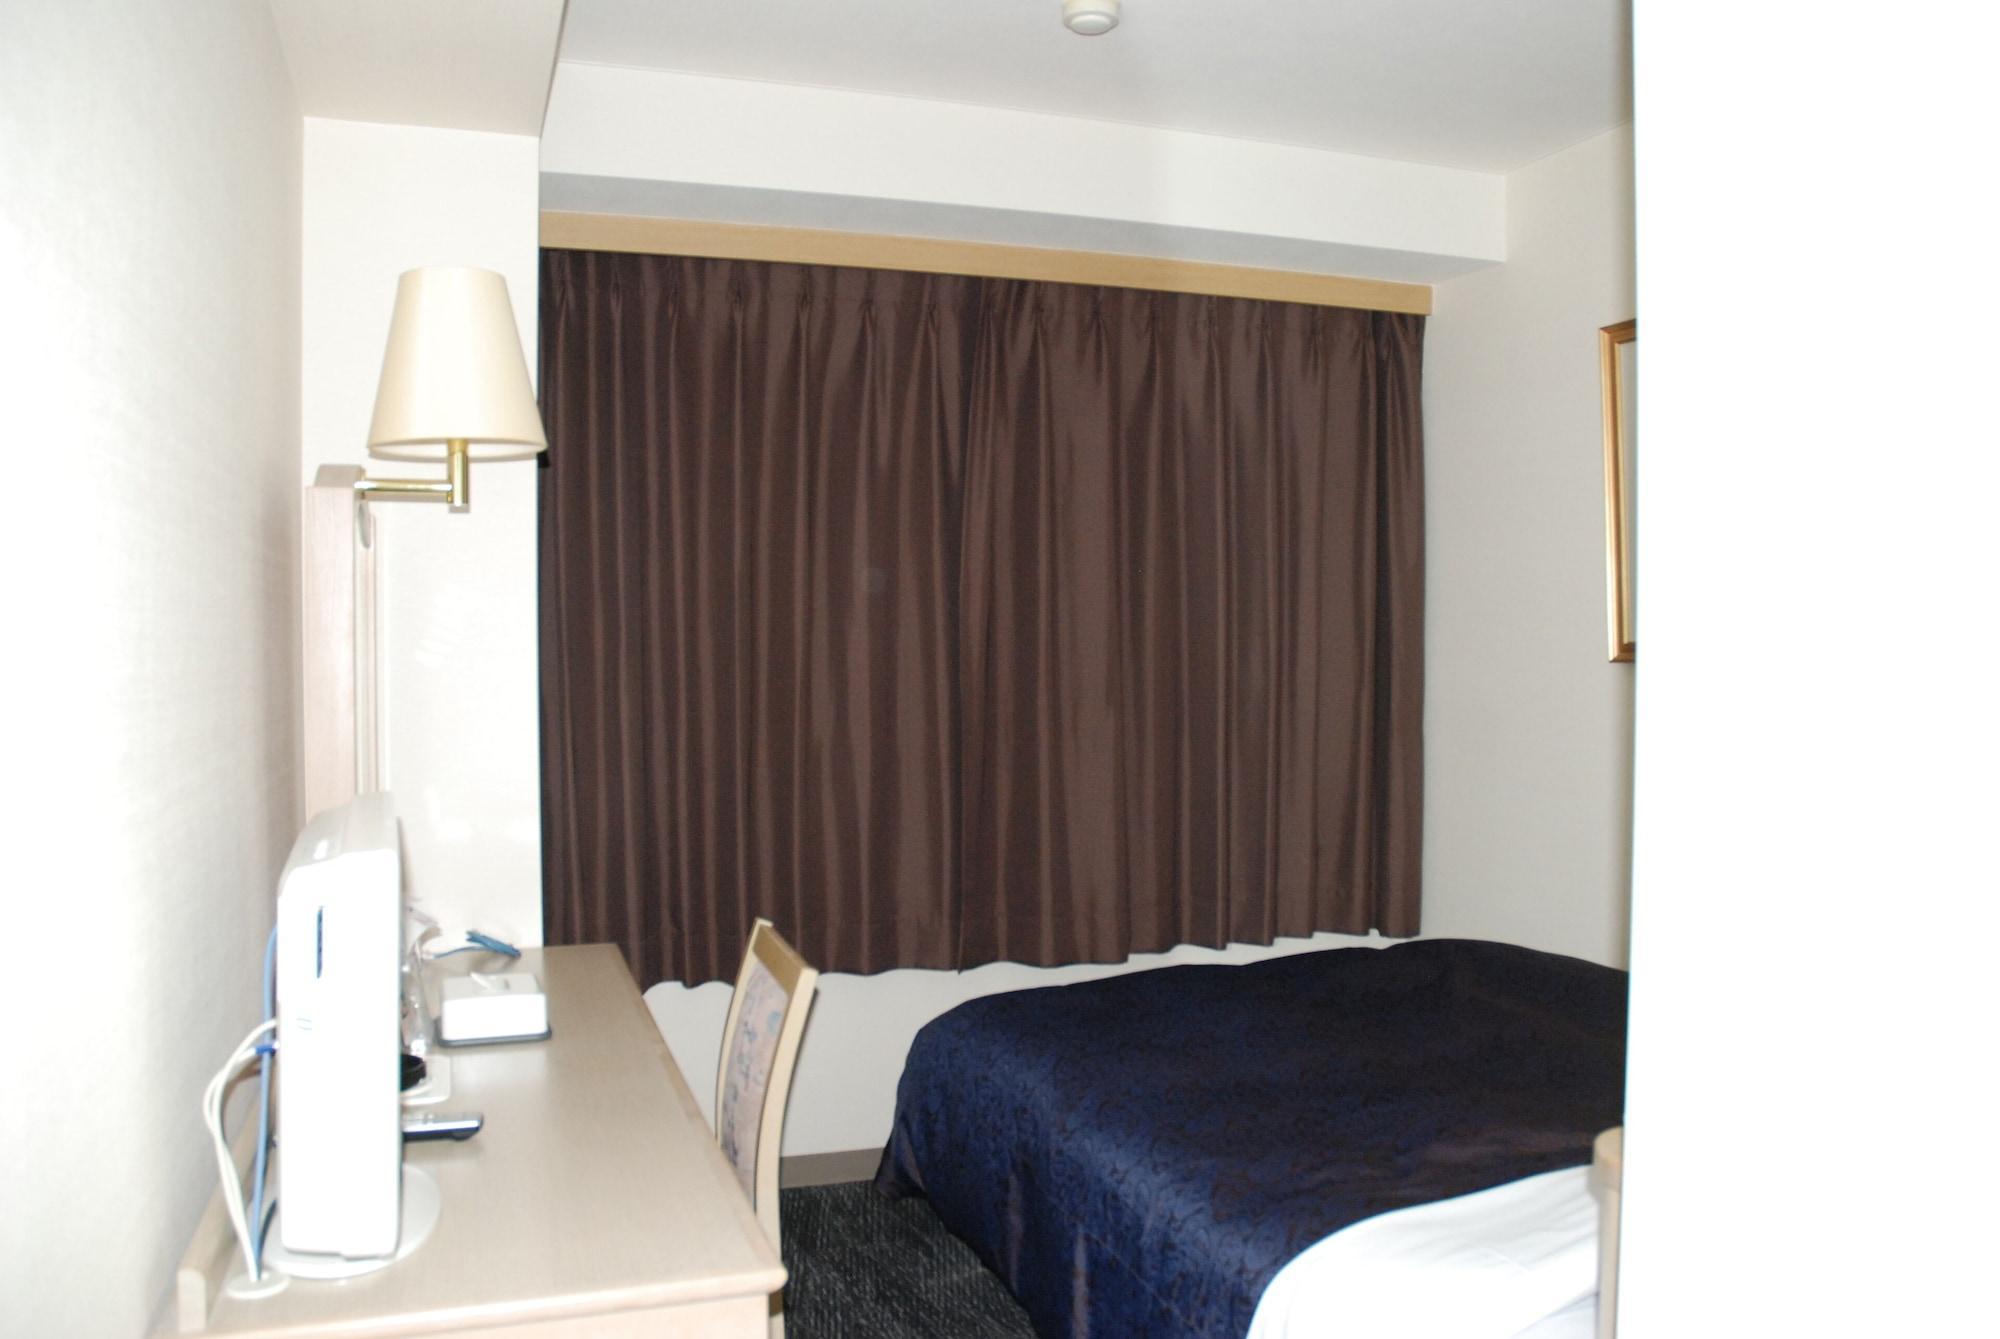 Albert Hotel Akita, Akita